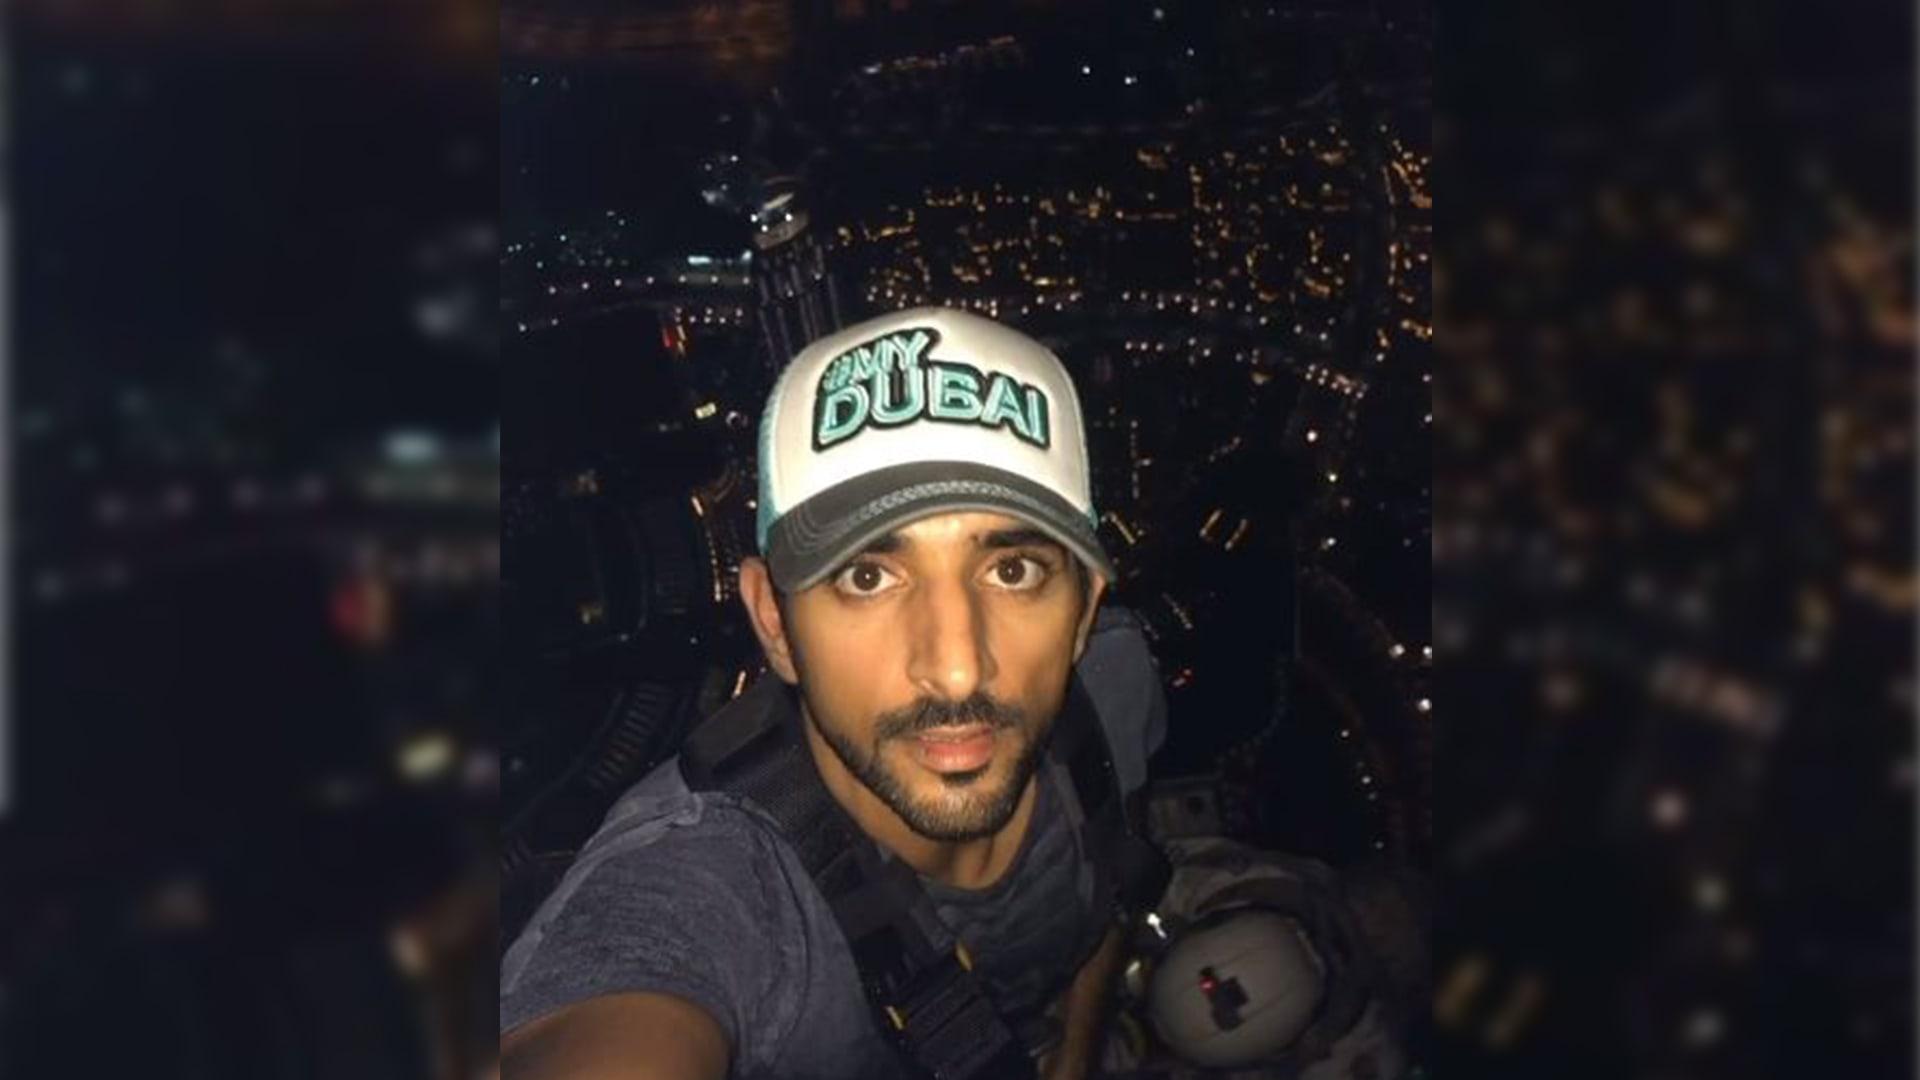 """""""828 متر من الإثارة"""".. ولي عهد دبي يوثق مشهدا مذهلا من قمة برج خليفة"""